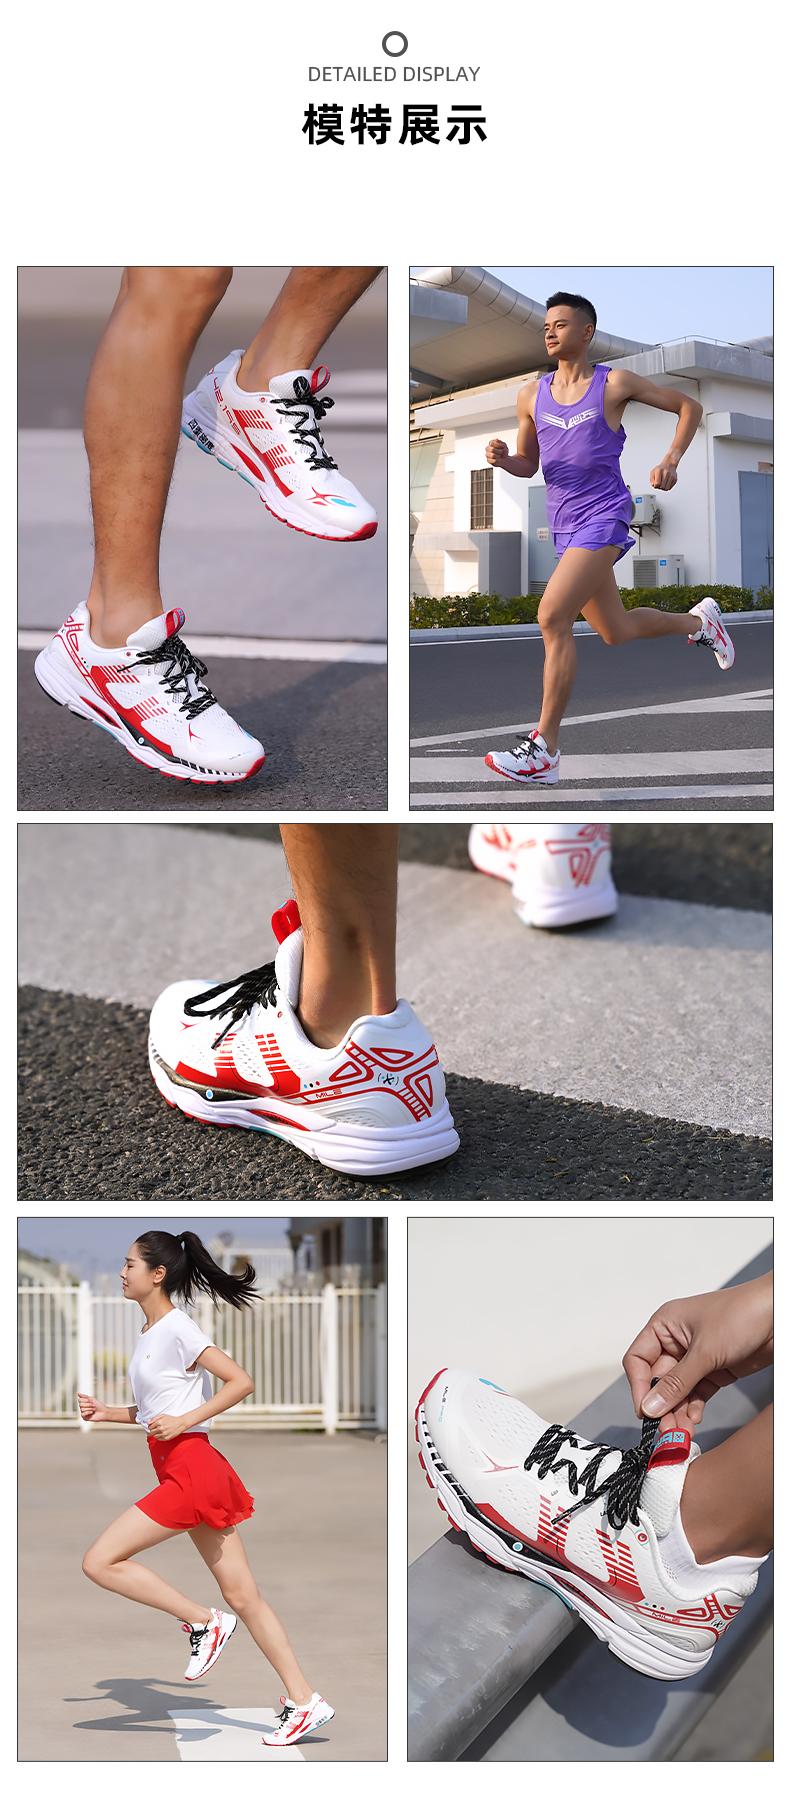 必迈 Mile 2021新品 42K Pro潜能 42公里专业马拉松缓震跑步鞋 图12